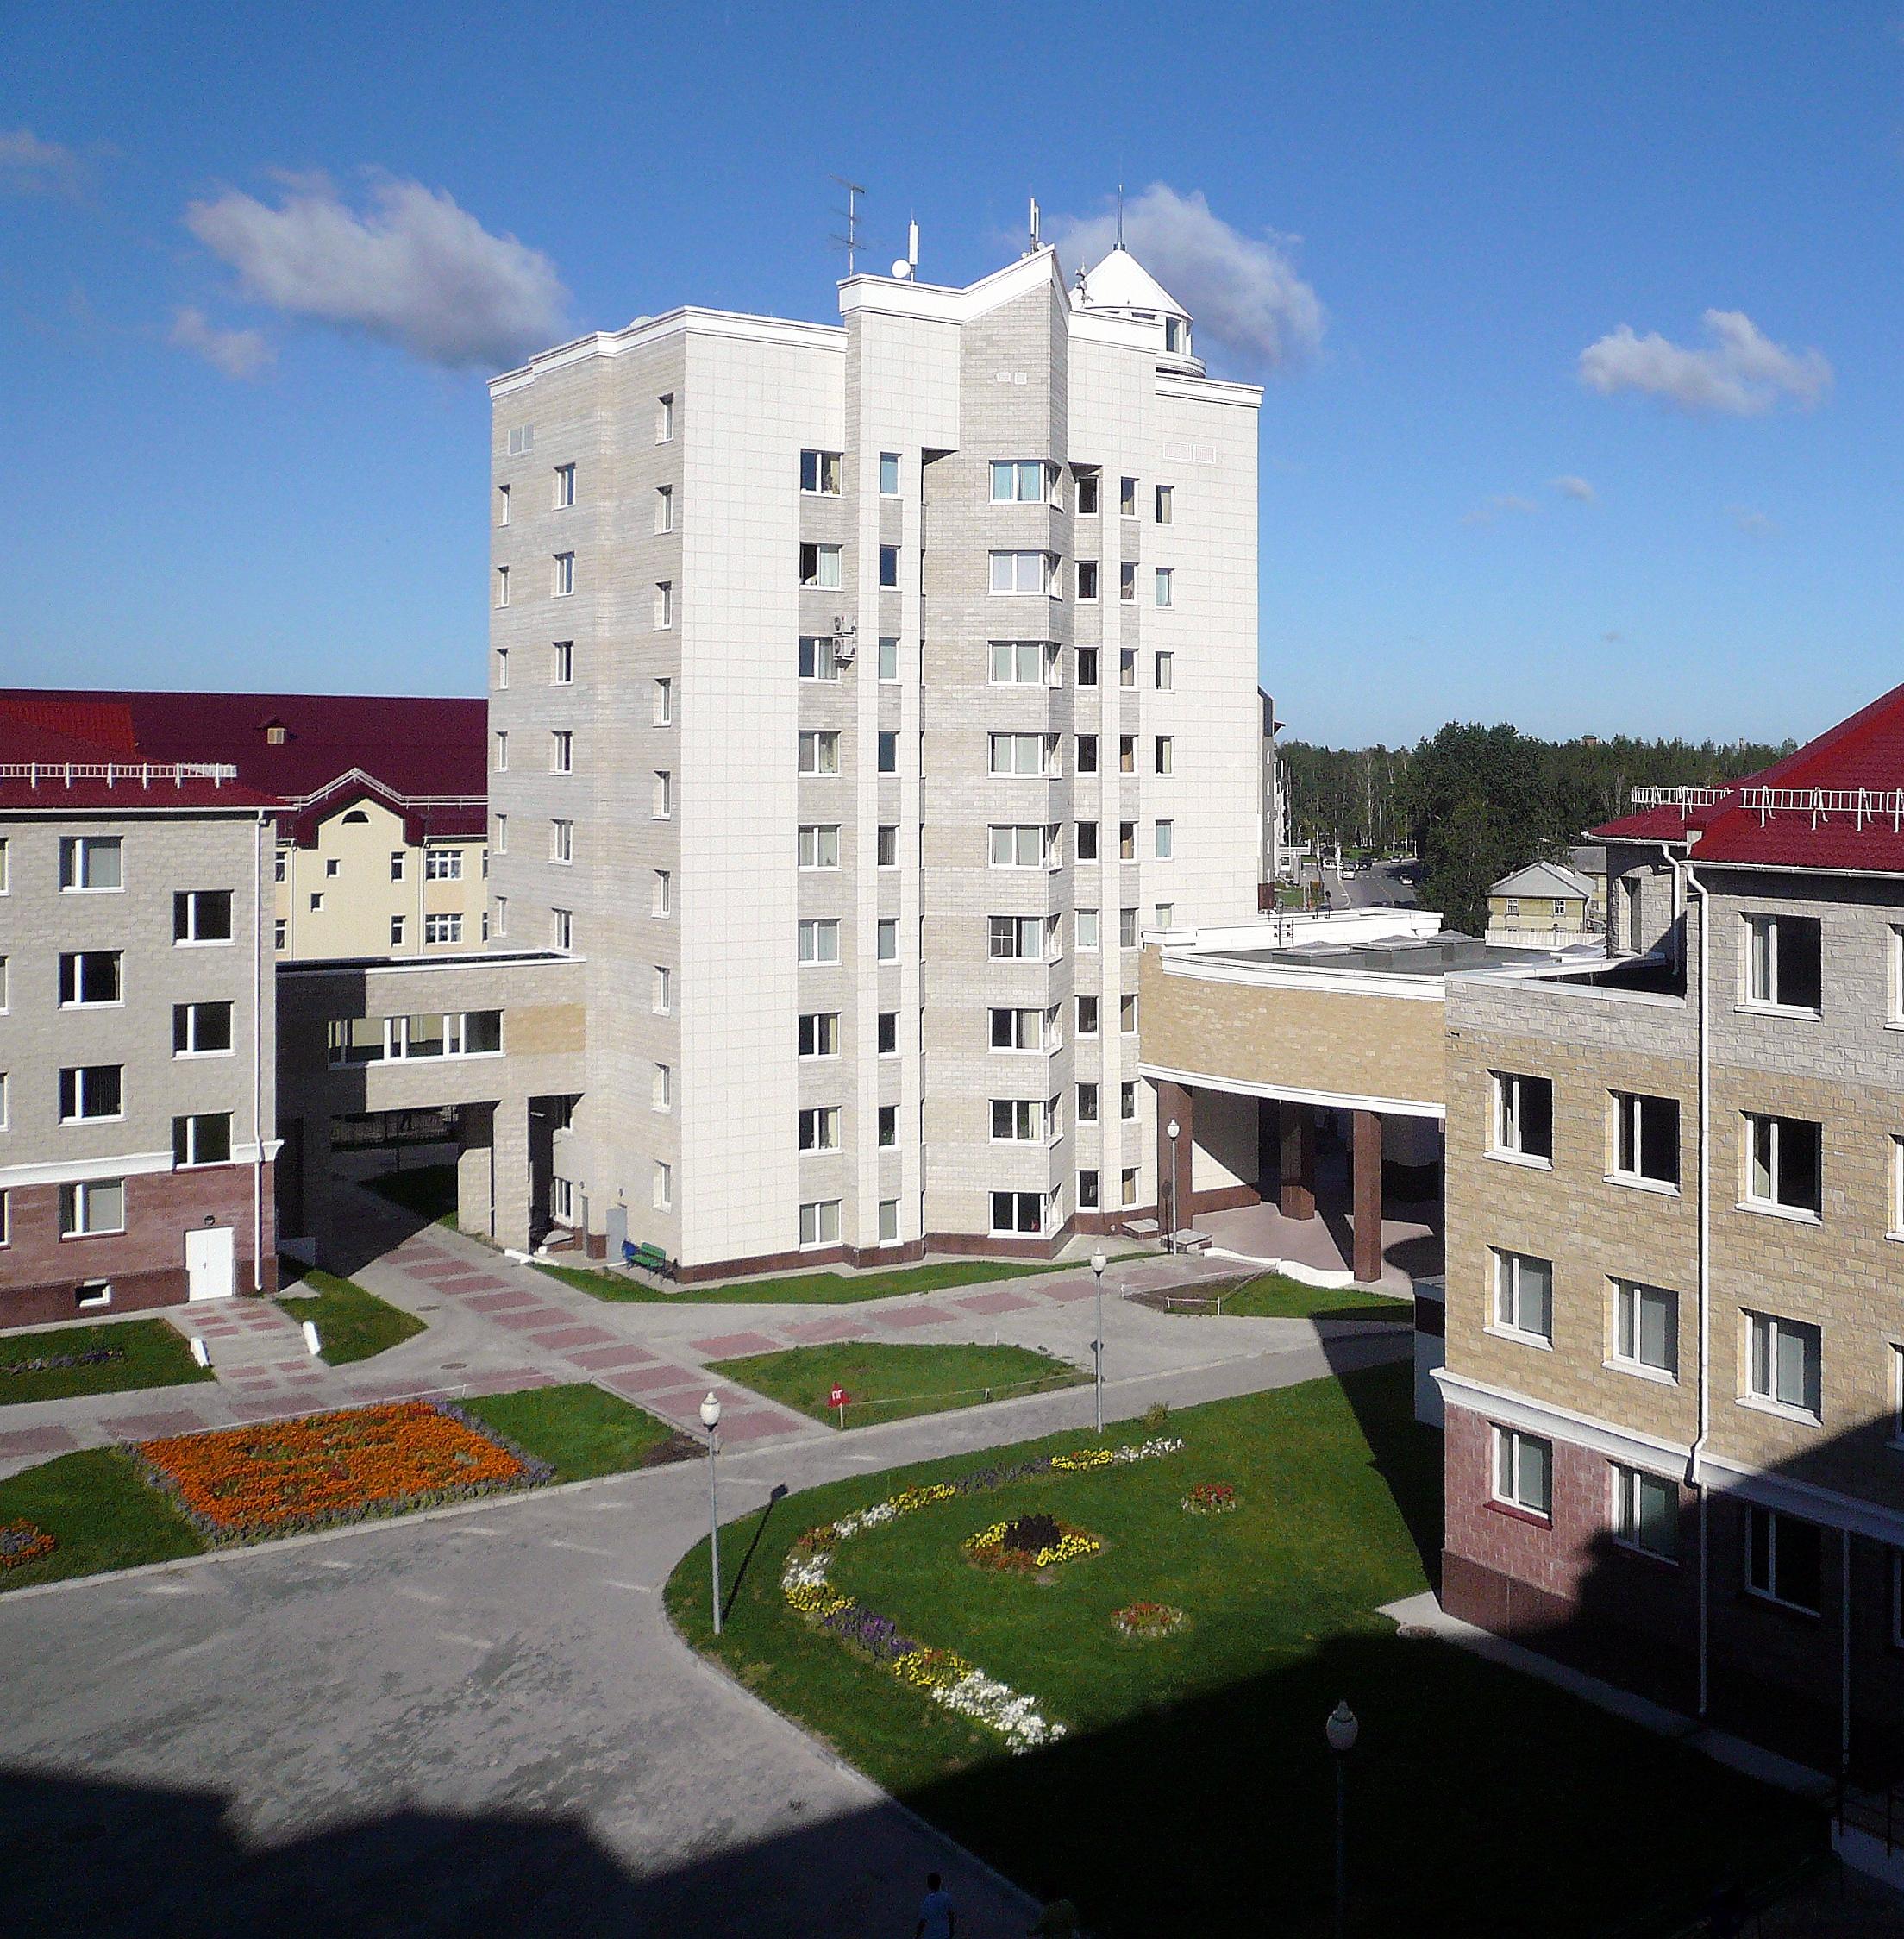 В среду, 27 марта, в 11:00 в волонтерском центре югорского государственного университета состоится круглый стол